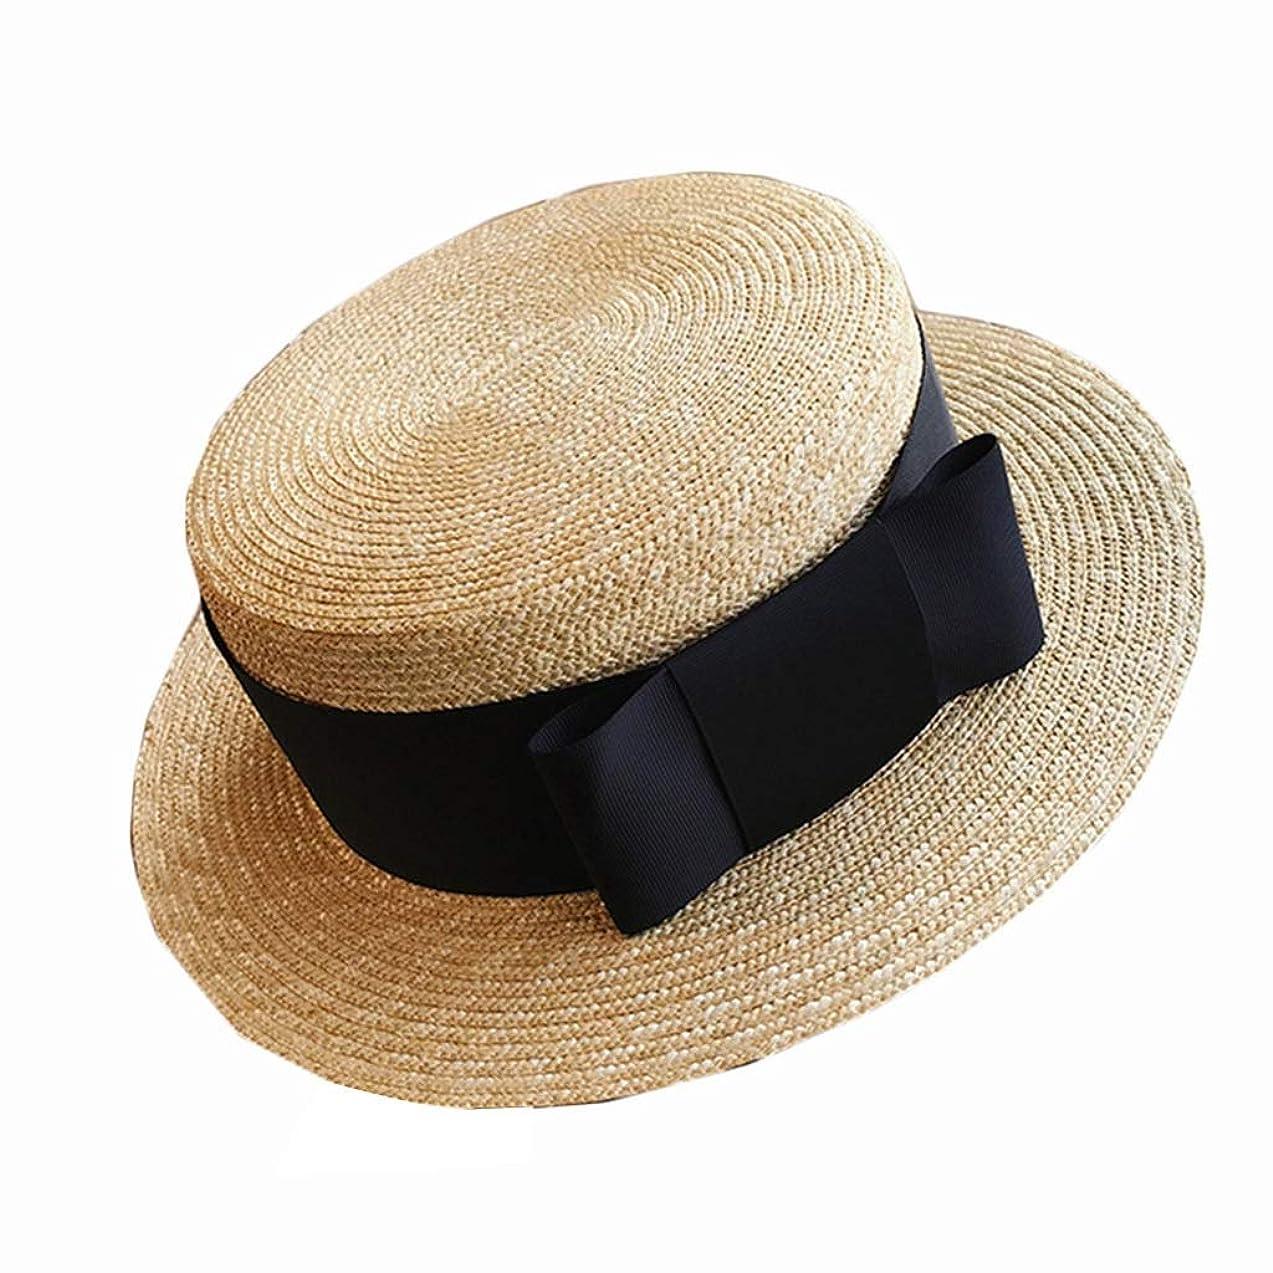 着飾る世論調査バット日よけ小麦わらわらワイドベルト弓女日よけ浜辺日除け調節可能なUV春夏日よけ帽子 (Color : WHITE, Size : HEAD 54)